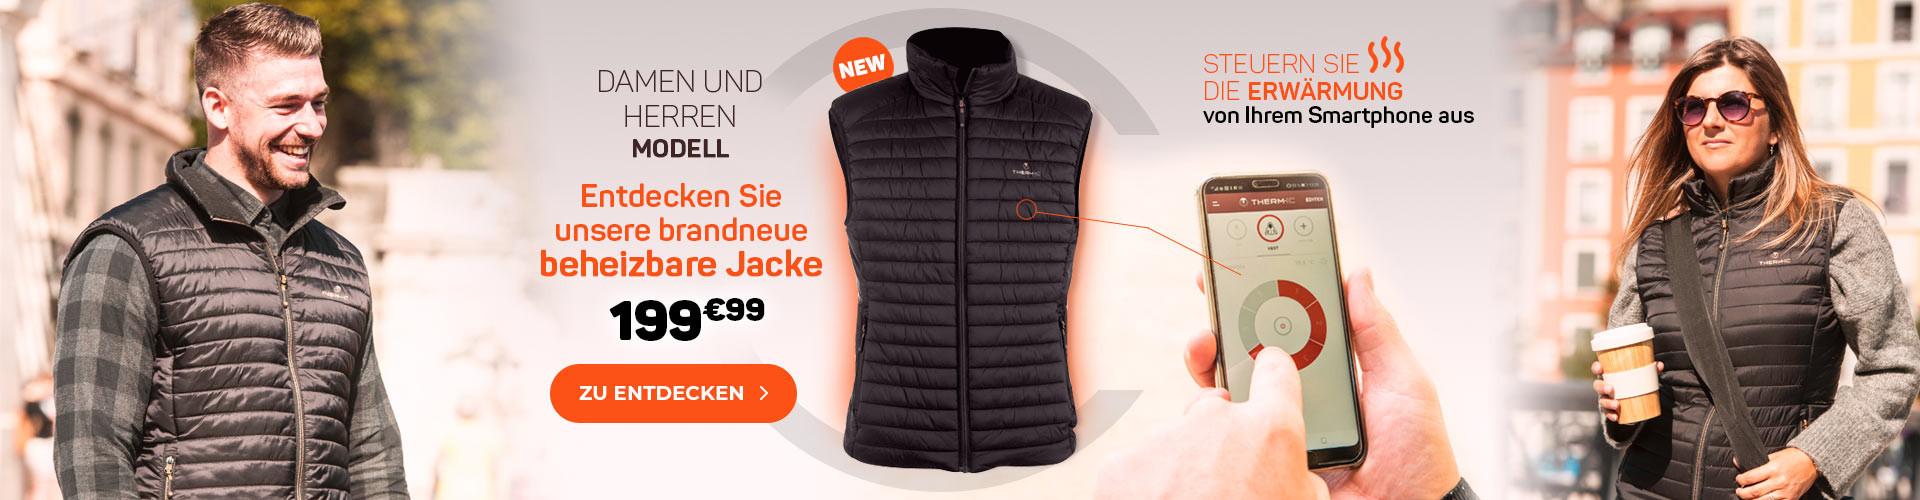 Entdecken Sie unsere brandneue beheizbare Jacke!